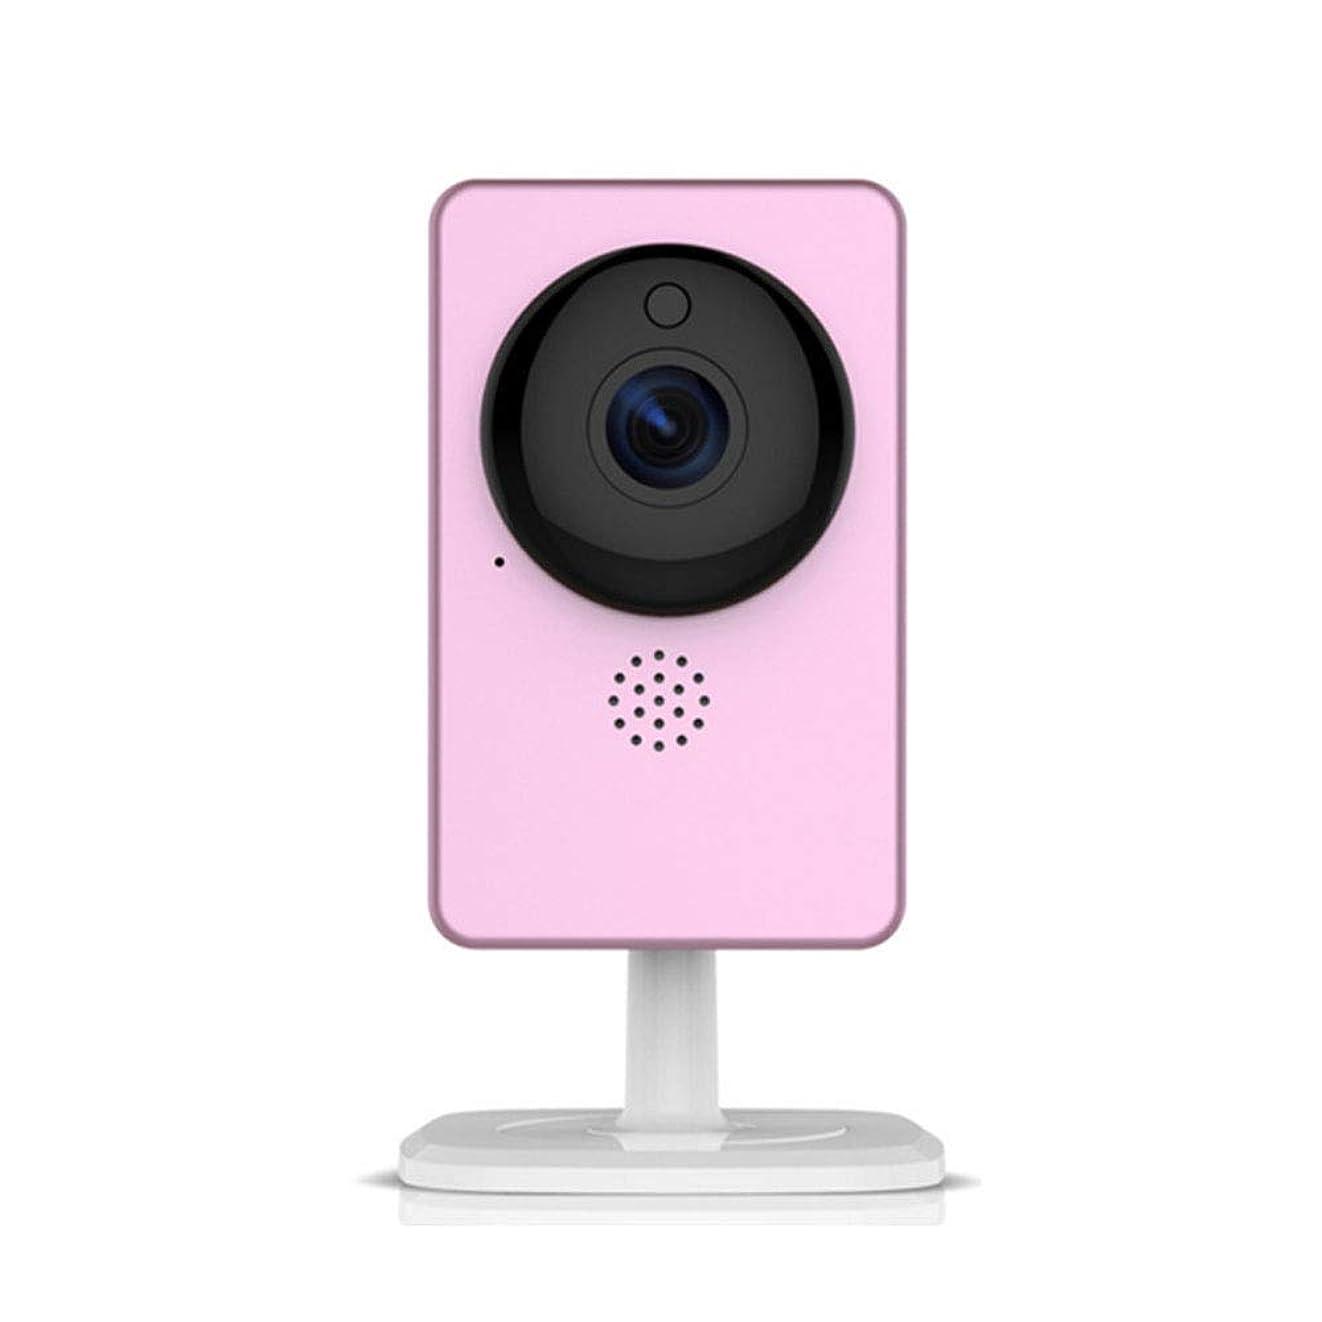 グリーンバック支給実験方朝日スポーツ用品店 保安用カメラWifiカードカメラ1080P HD遠隔監視カメラ